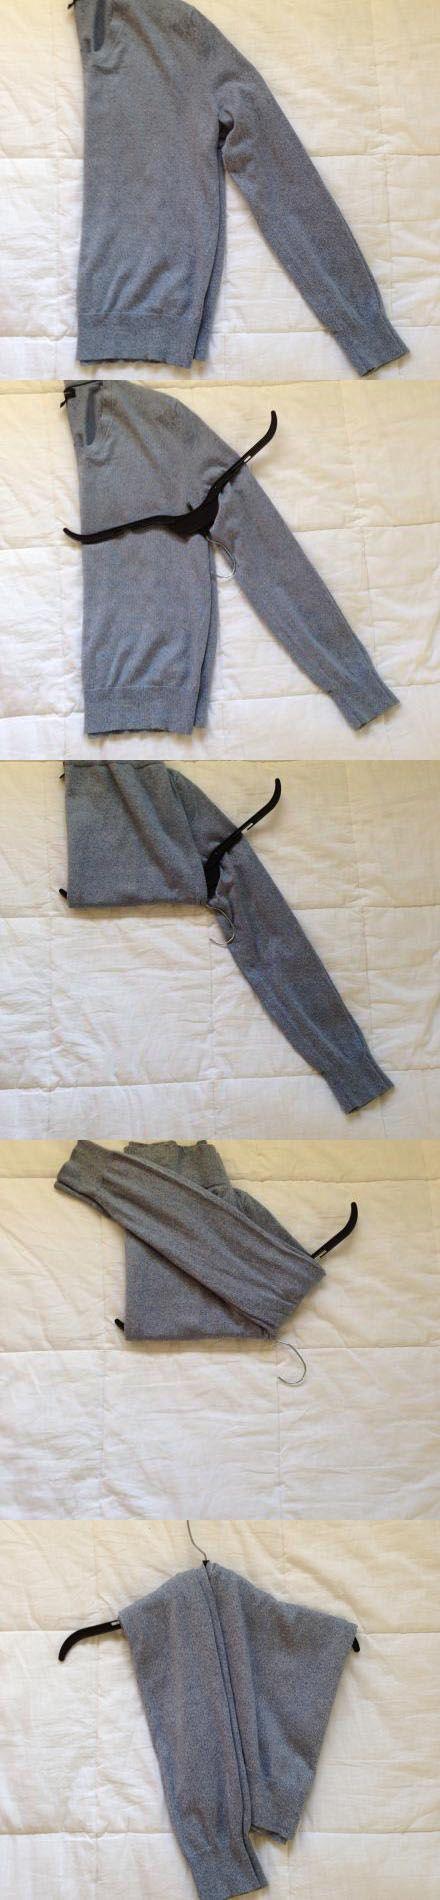 Как повесить на вешалку свитер или ковту